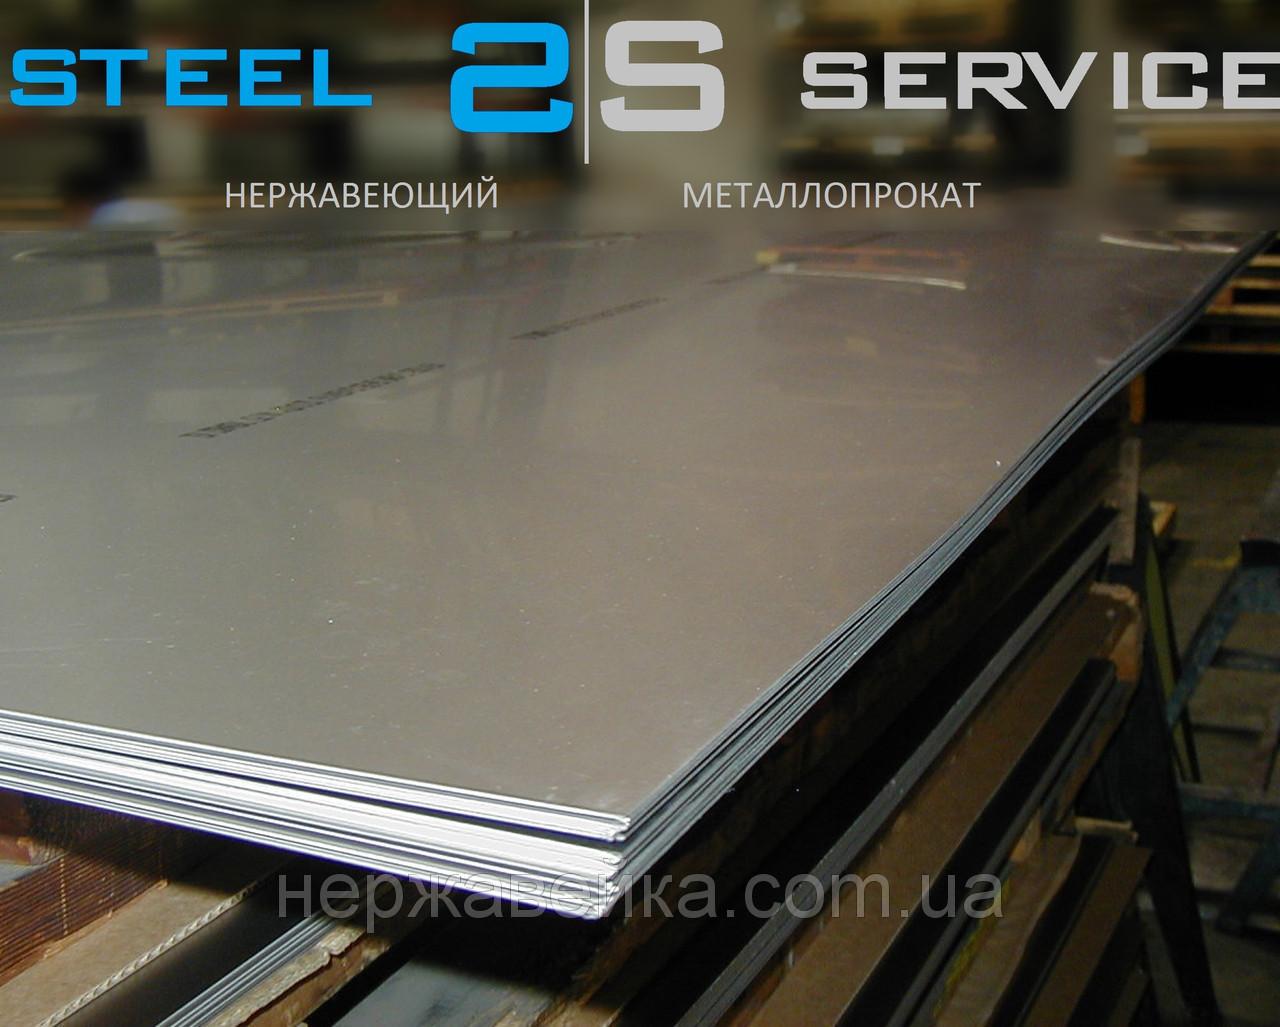 Нержавеющий лист 0,8х1000х2000мм AiSi 201  (12Х15Г9НД) 4N - шлифованный